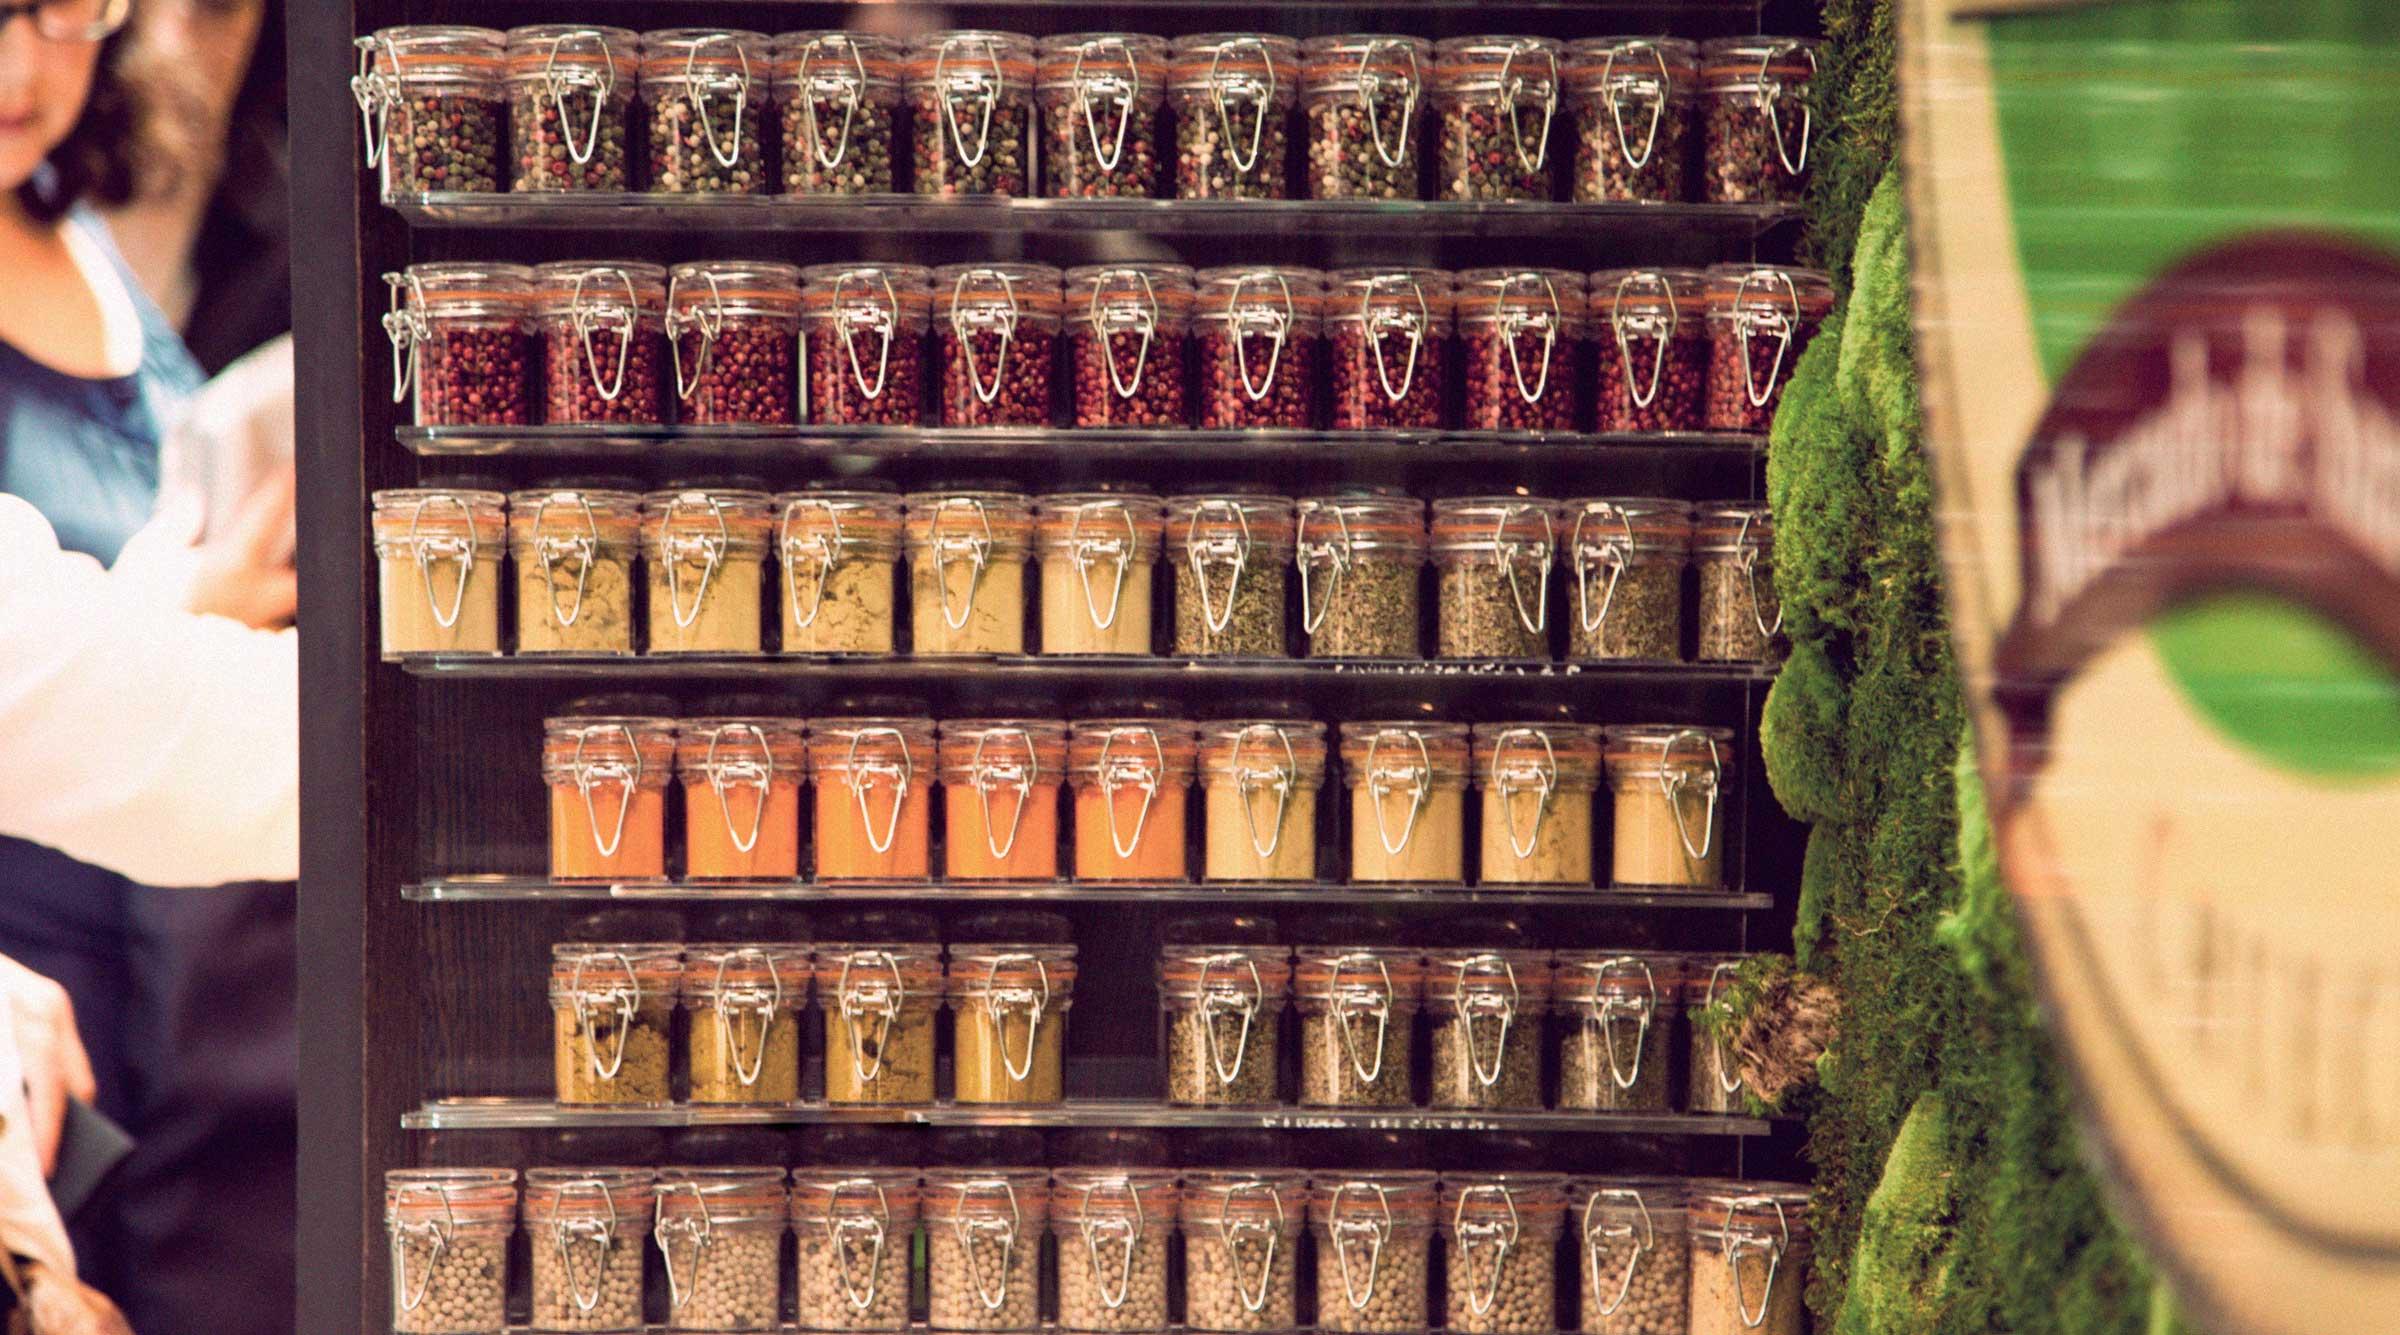 especias-pimento-azafran-innovaciones-gastronomicas-para-industria-alimentaria-sector-horeca-azti